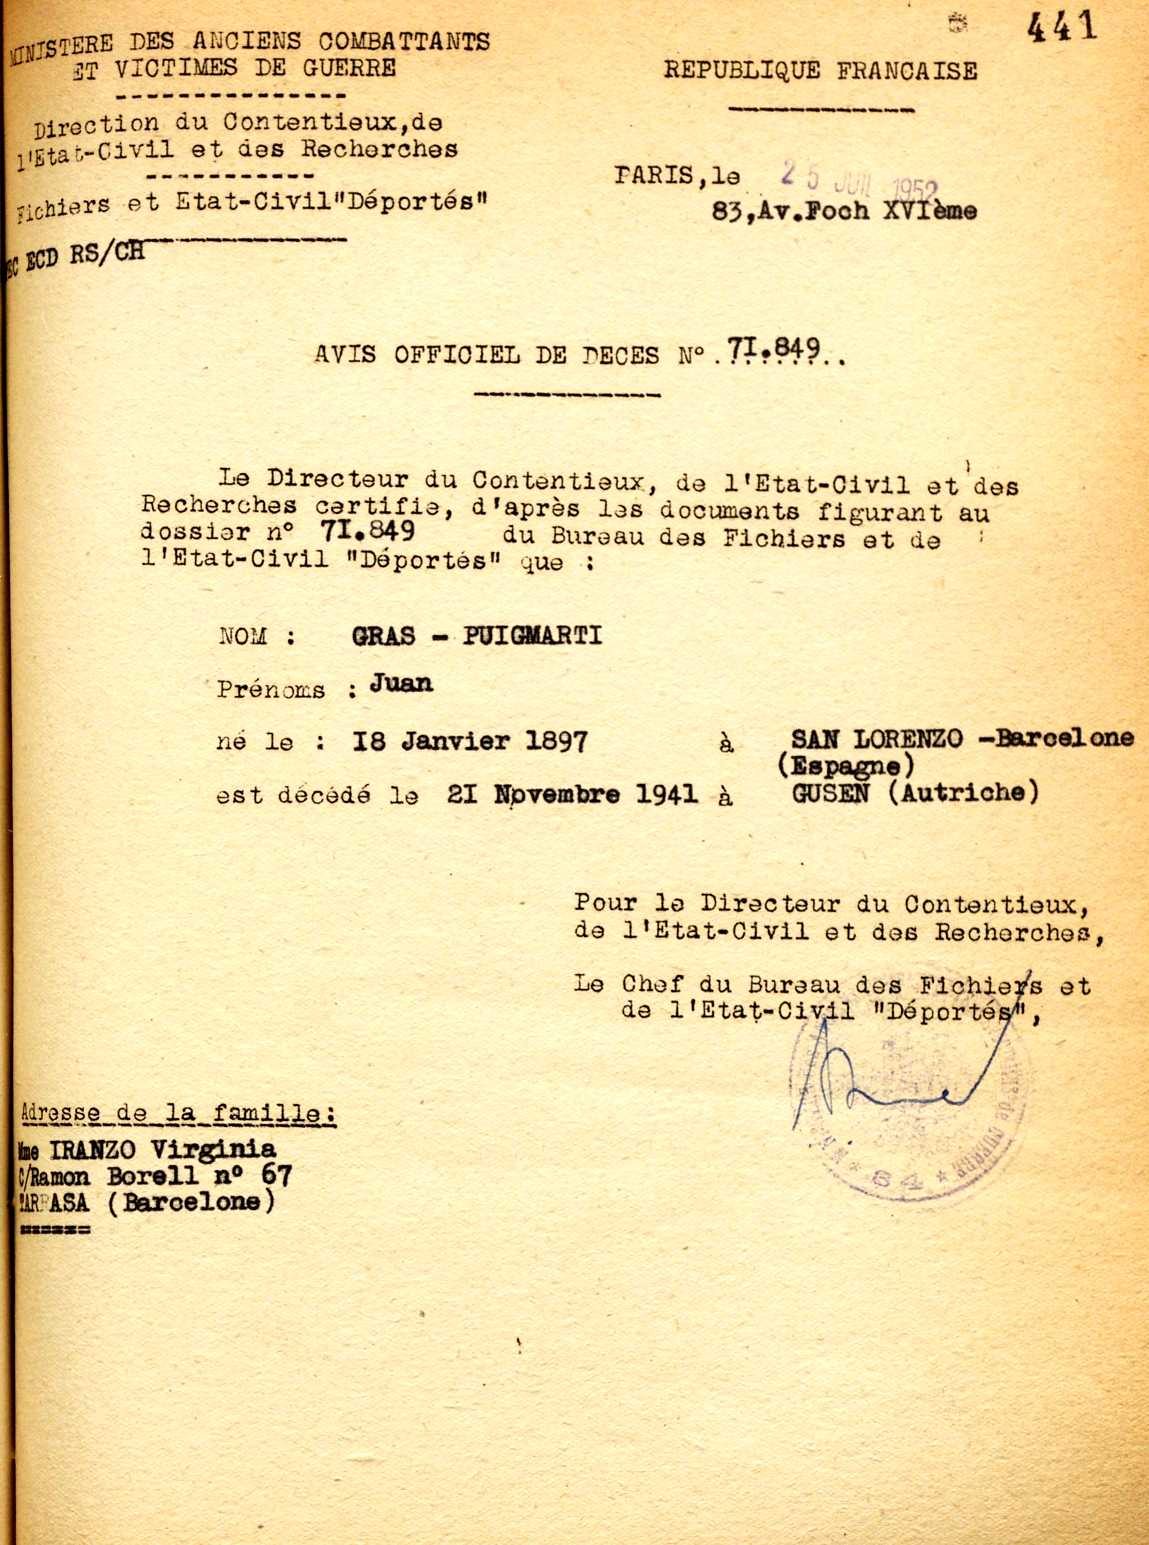 Fitxa de Joan Gras Puigmartí del registre de deportats